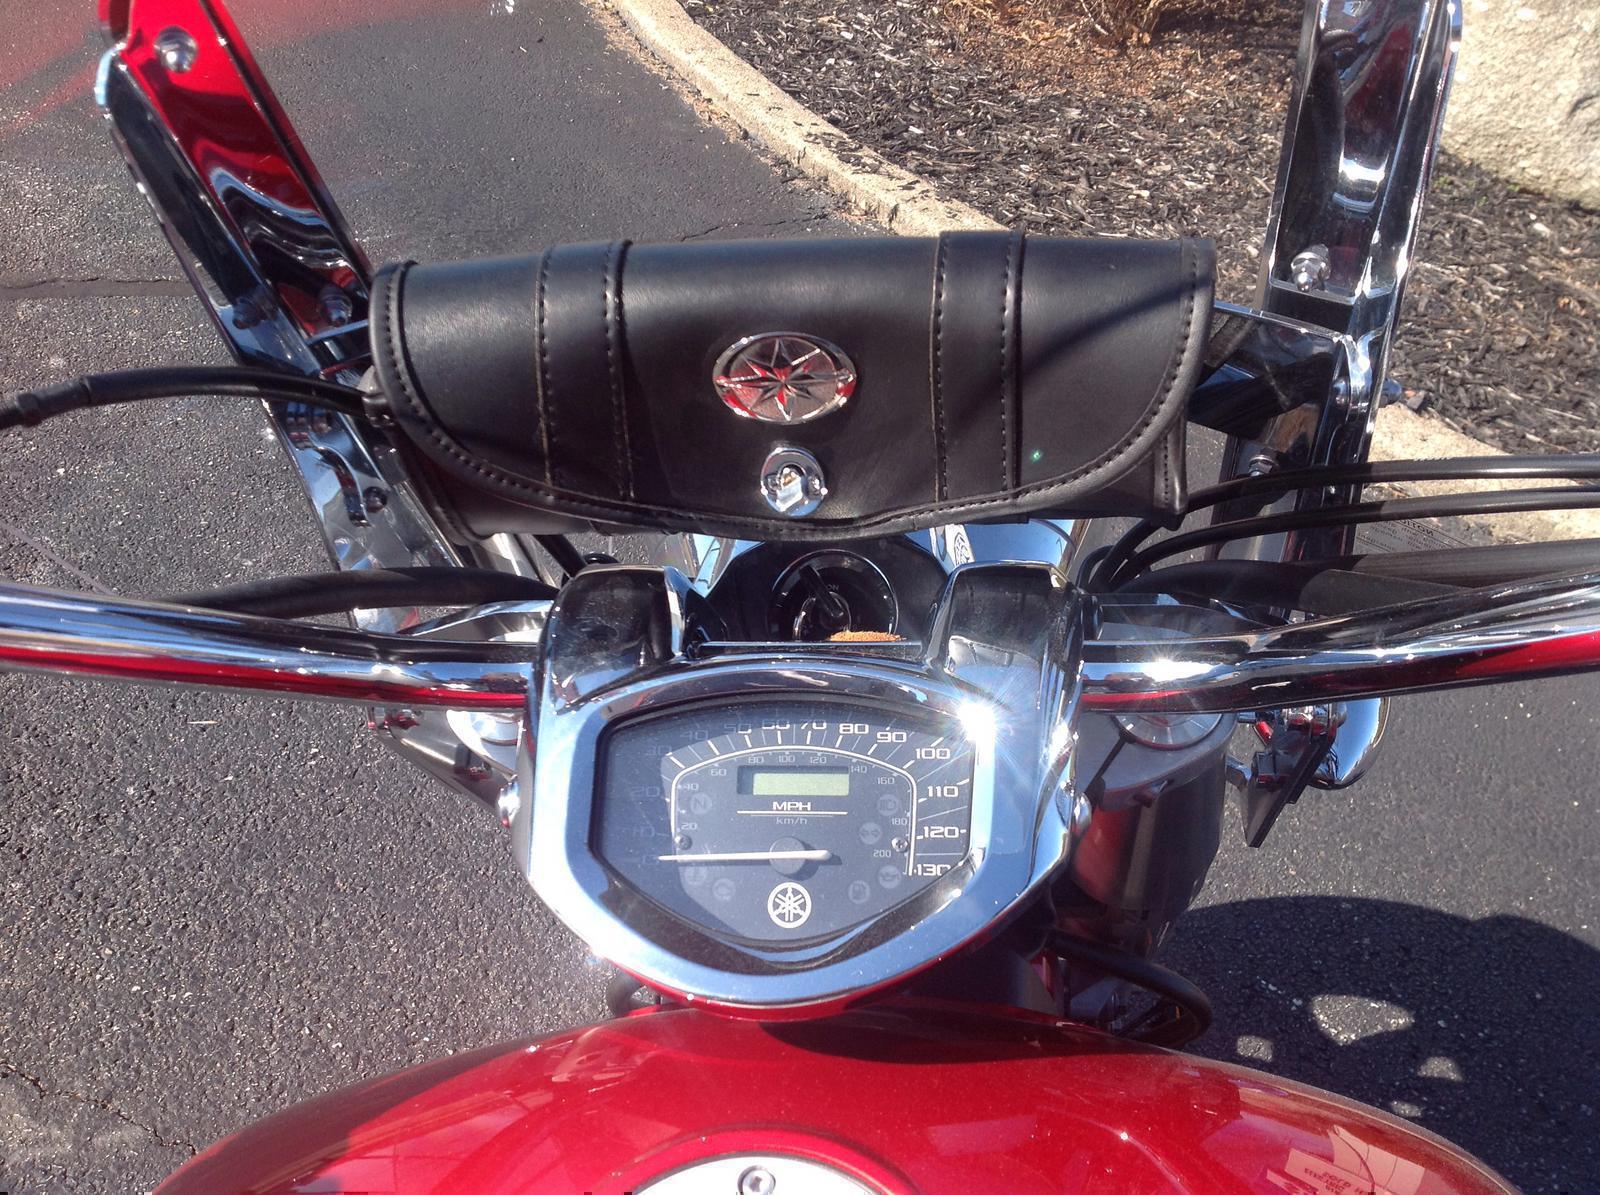 2013 Yamaha V-STAR 1300 Tourer 11